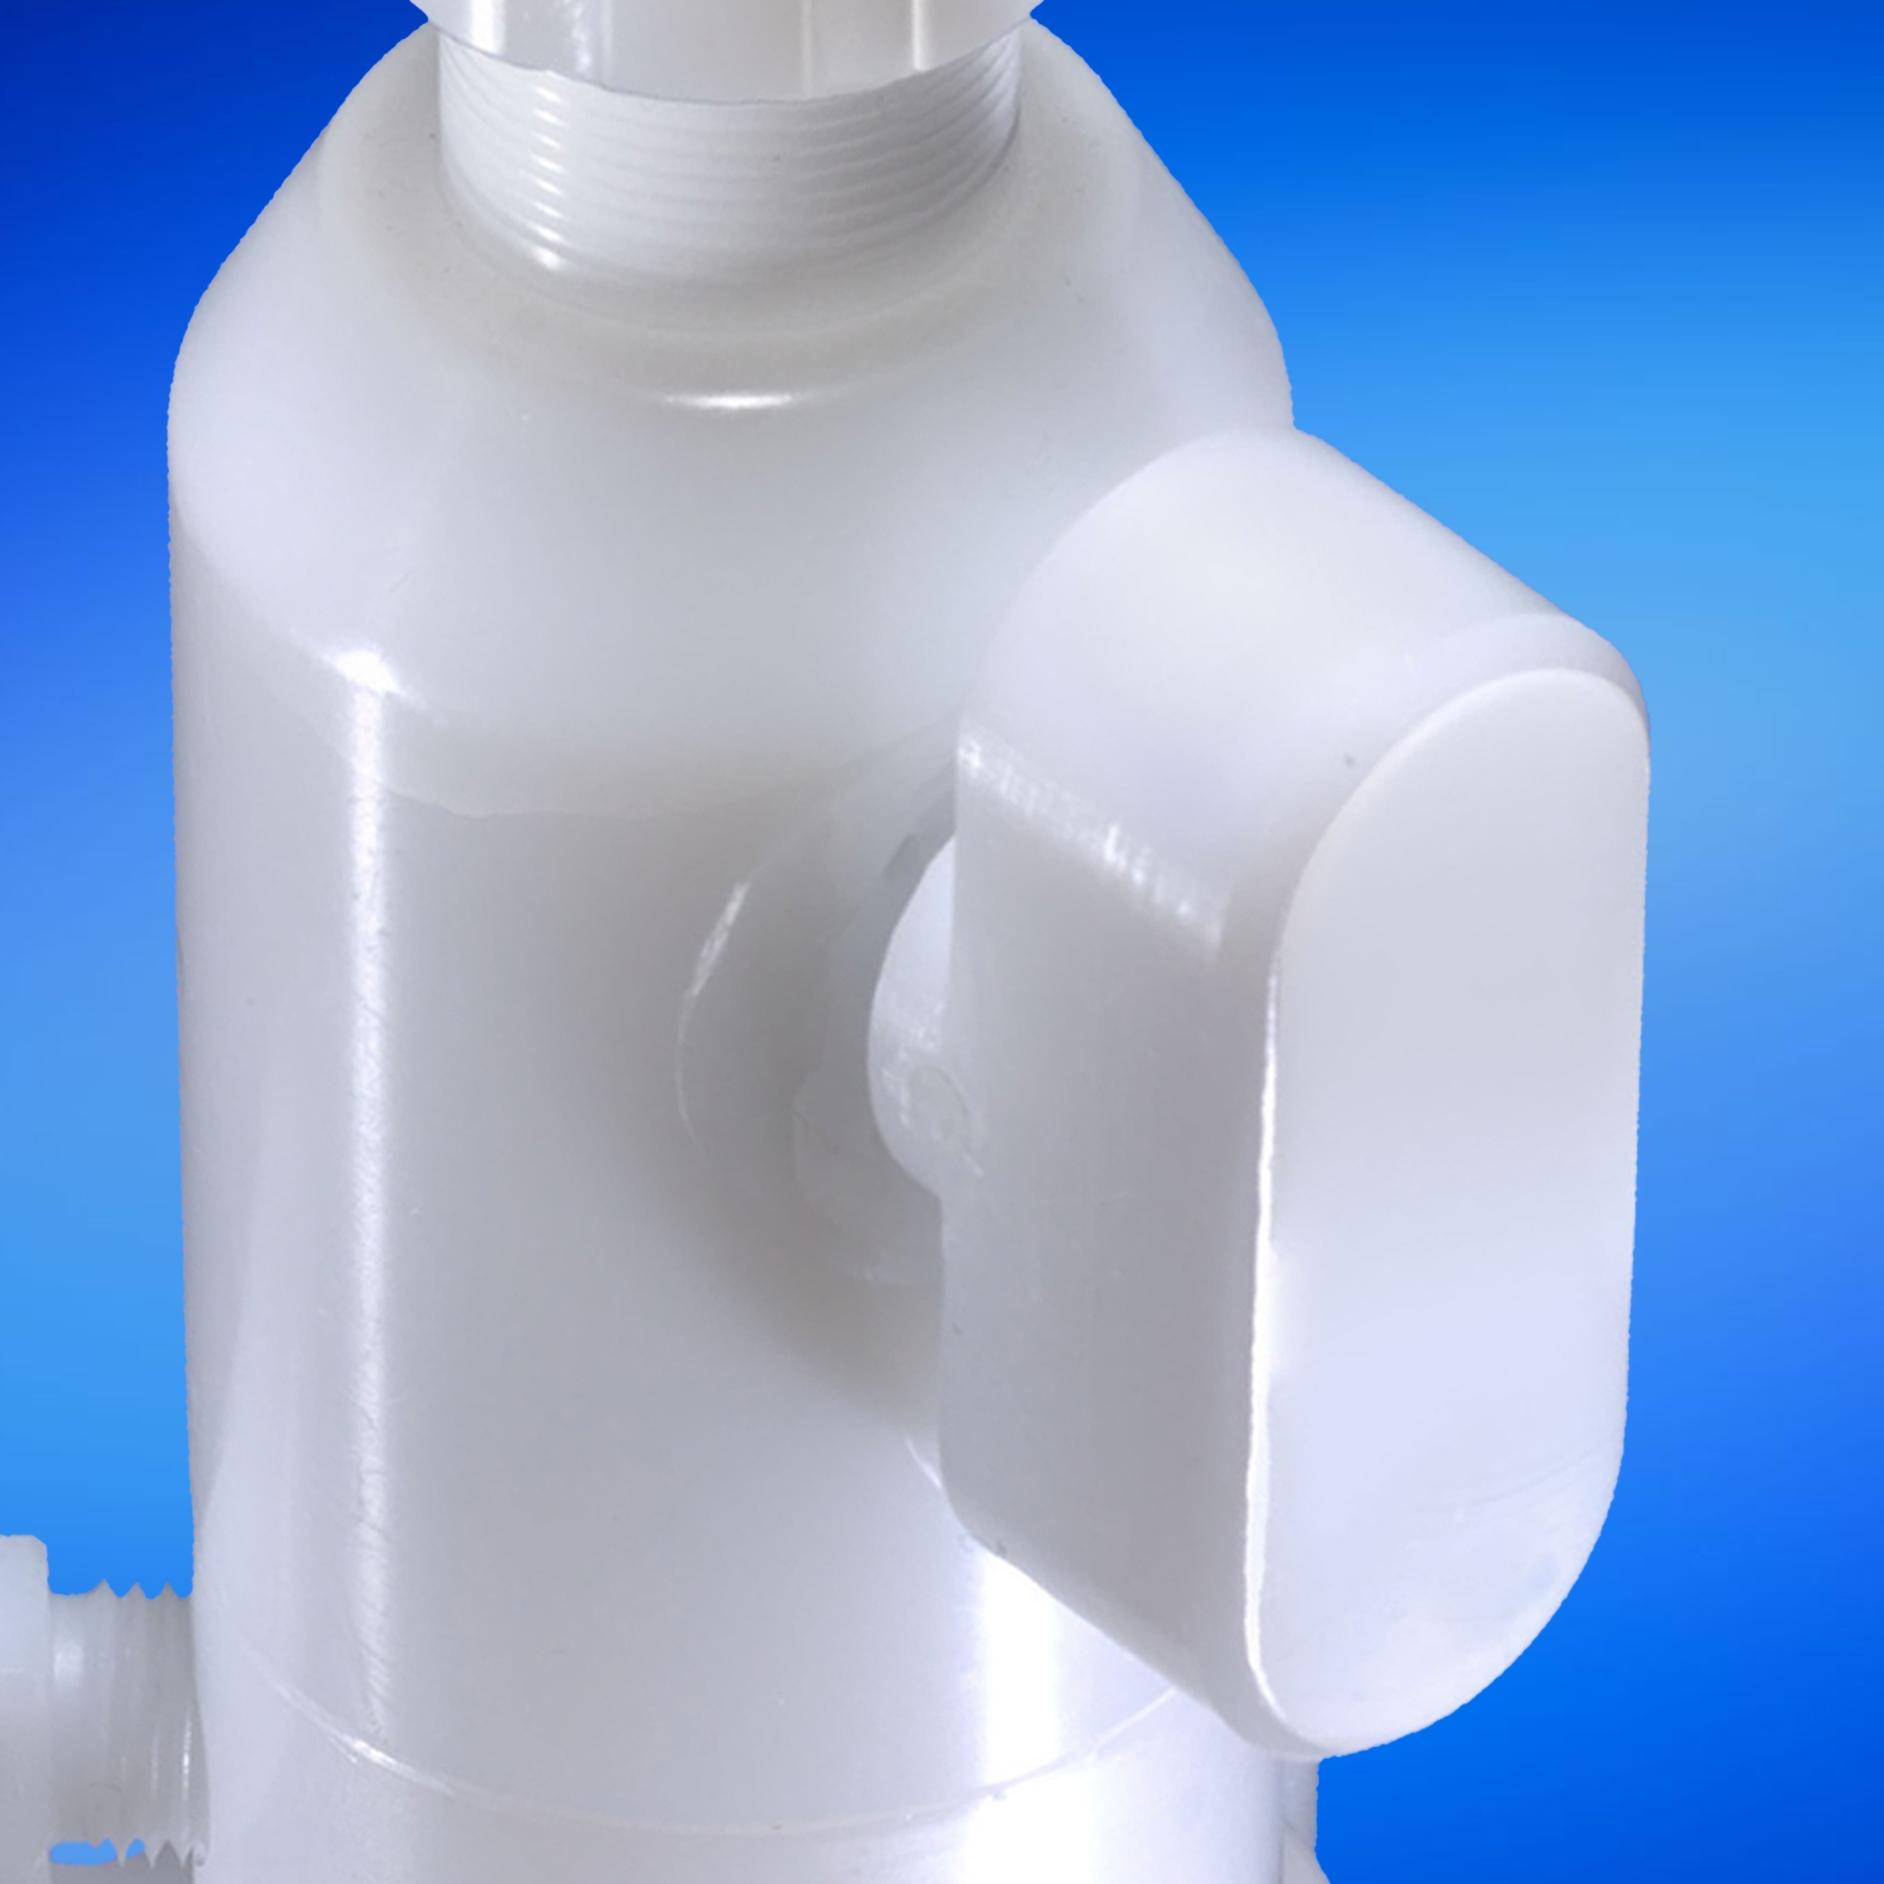 shut-off valves in the dispense heads